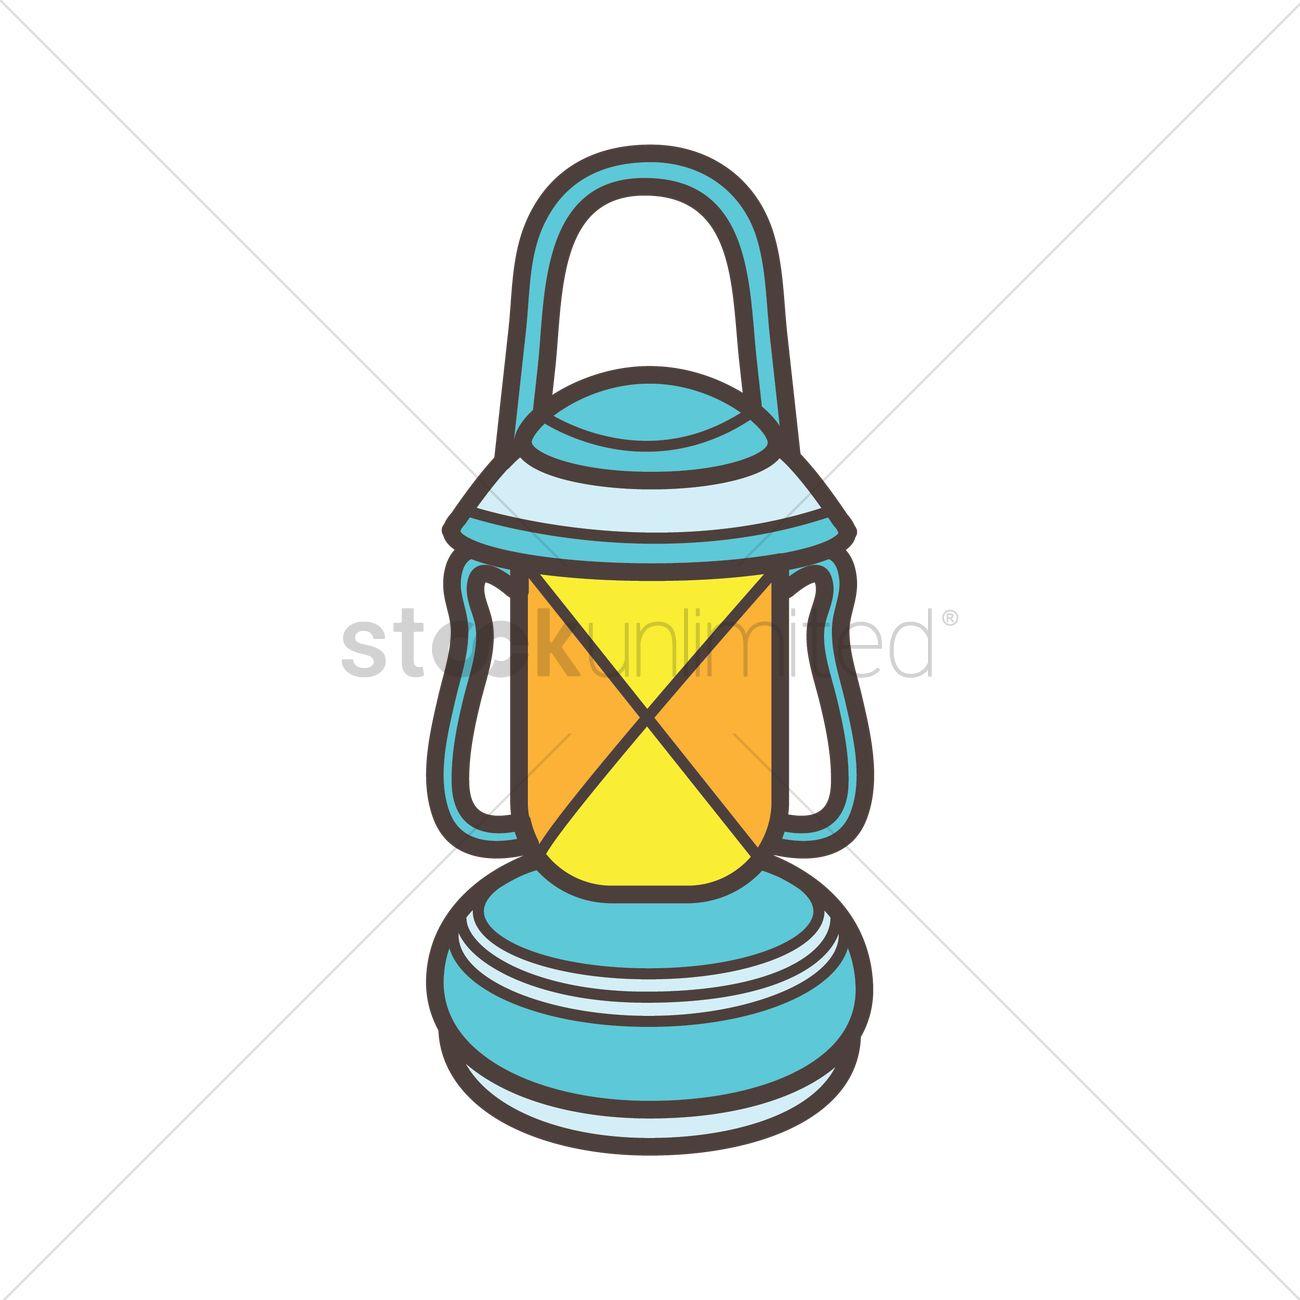 Kerosene lamp Vector Image - 1863510 | StockUnlimited for Kerosene Lamp Clipart  181pct